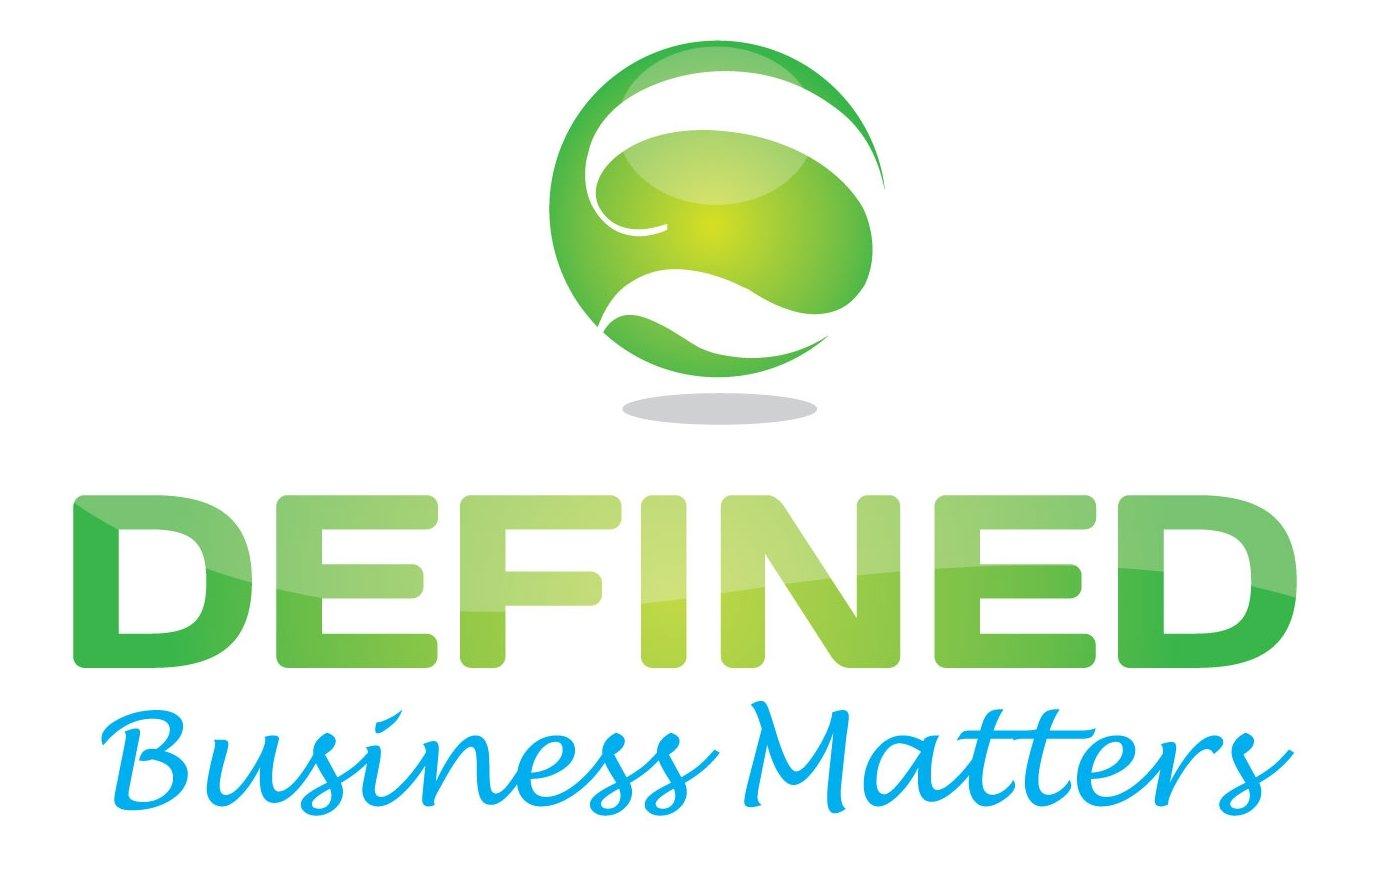 Defined-Business-Matters_Final_CV_29092015